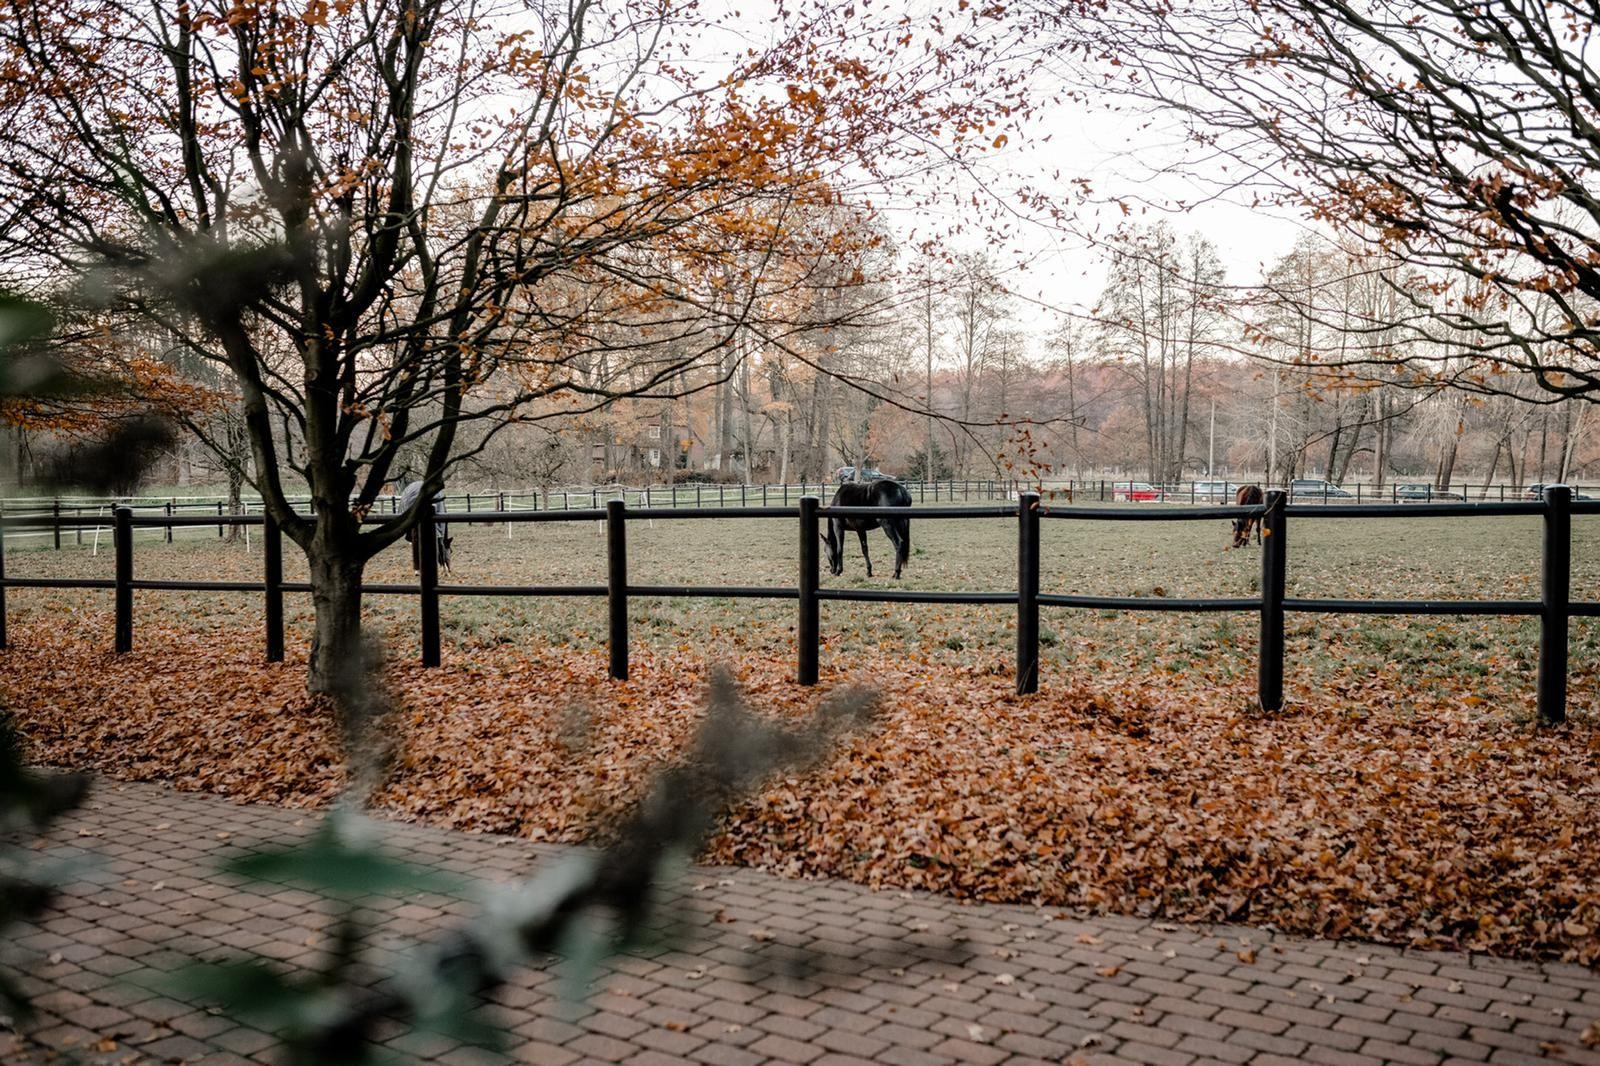 Traumferienwohnung in der Lüneburger Heide